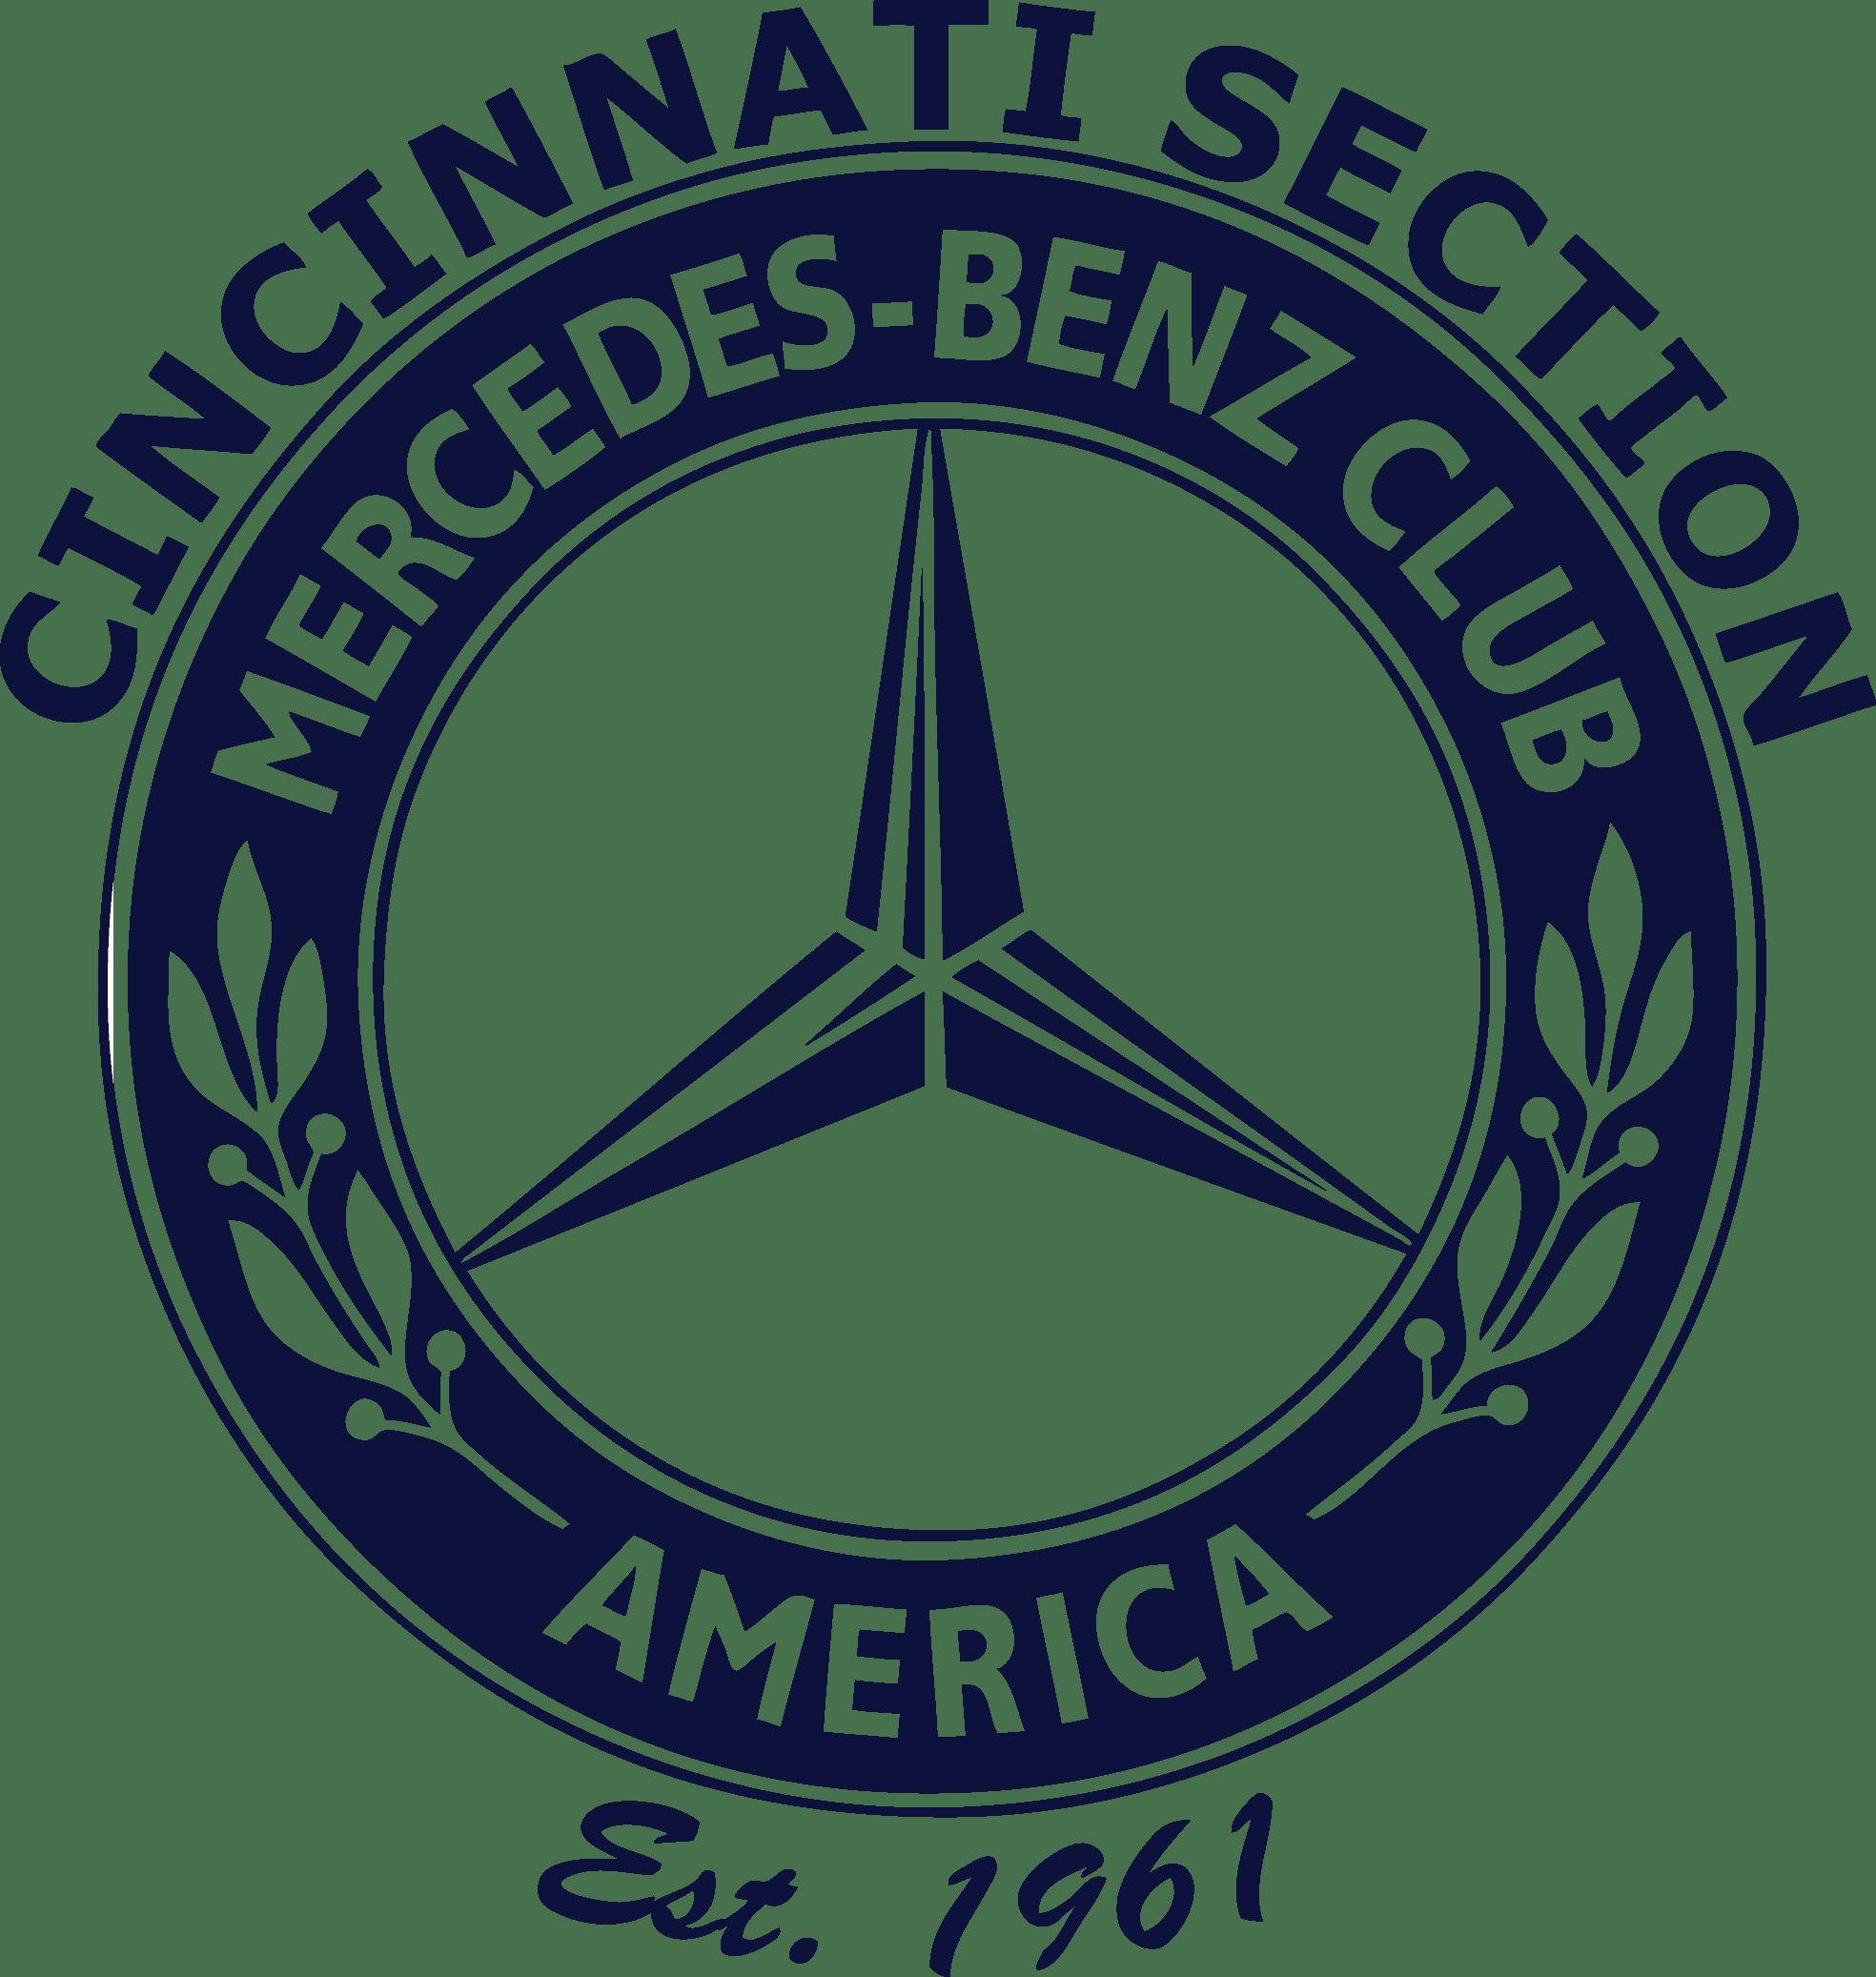 Mercedes Benz Club Of America: Cincinnati Section